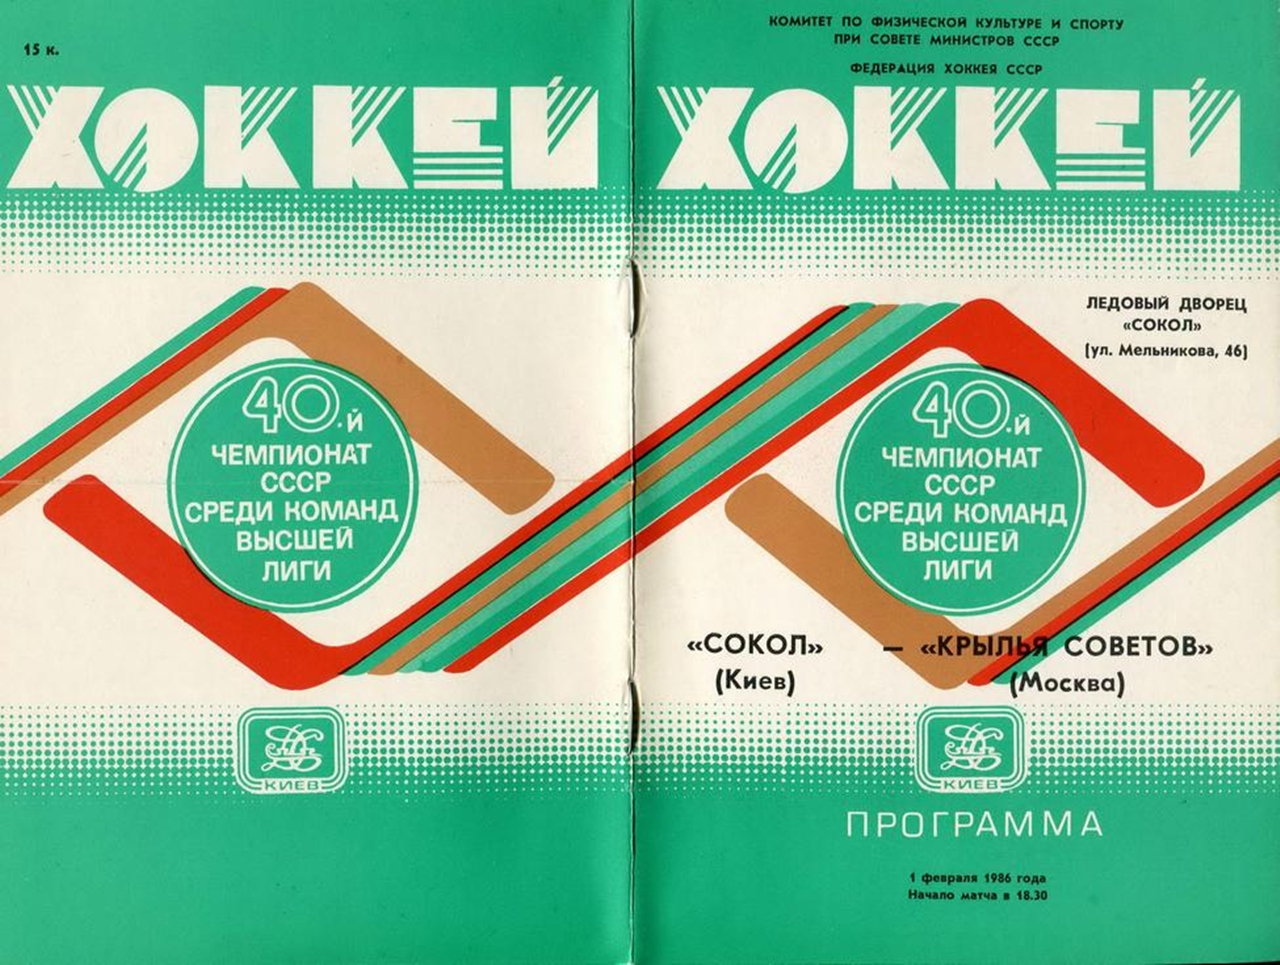 85-86-1.jpg